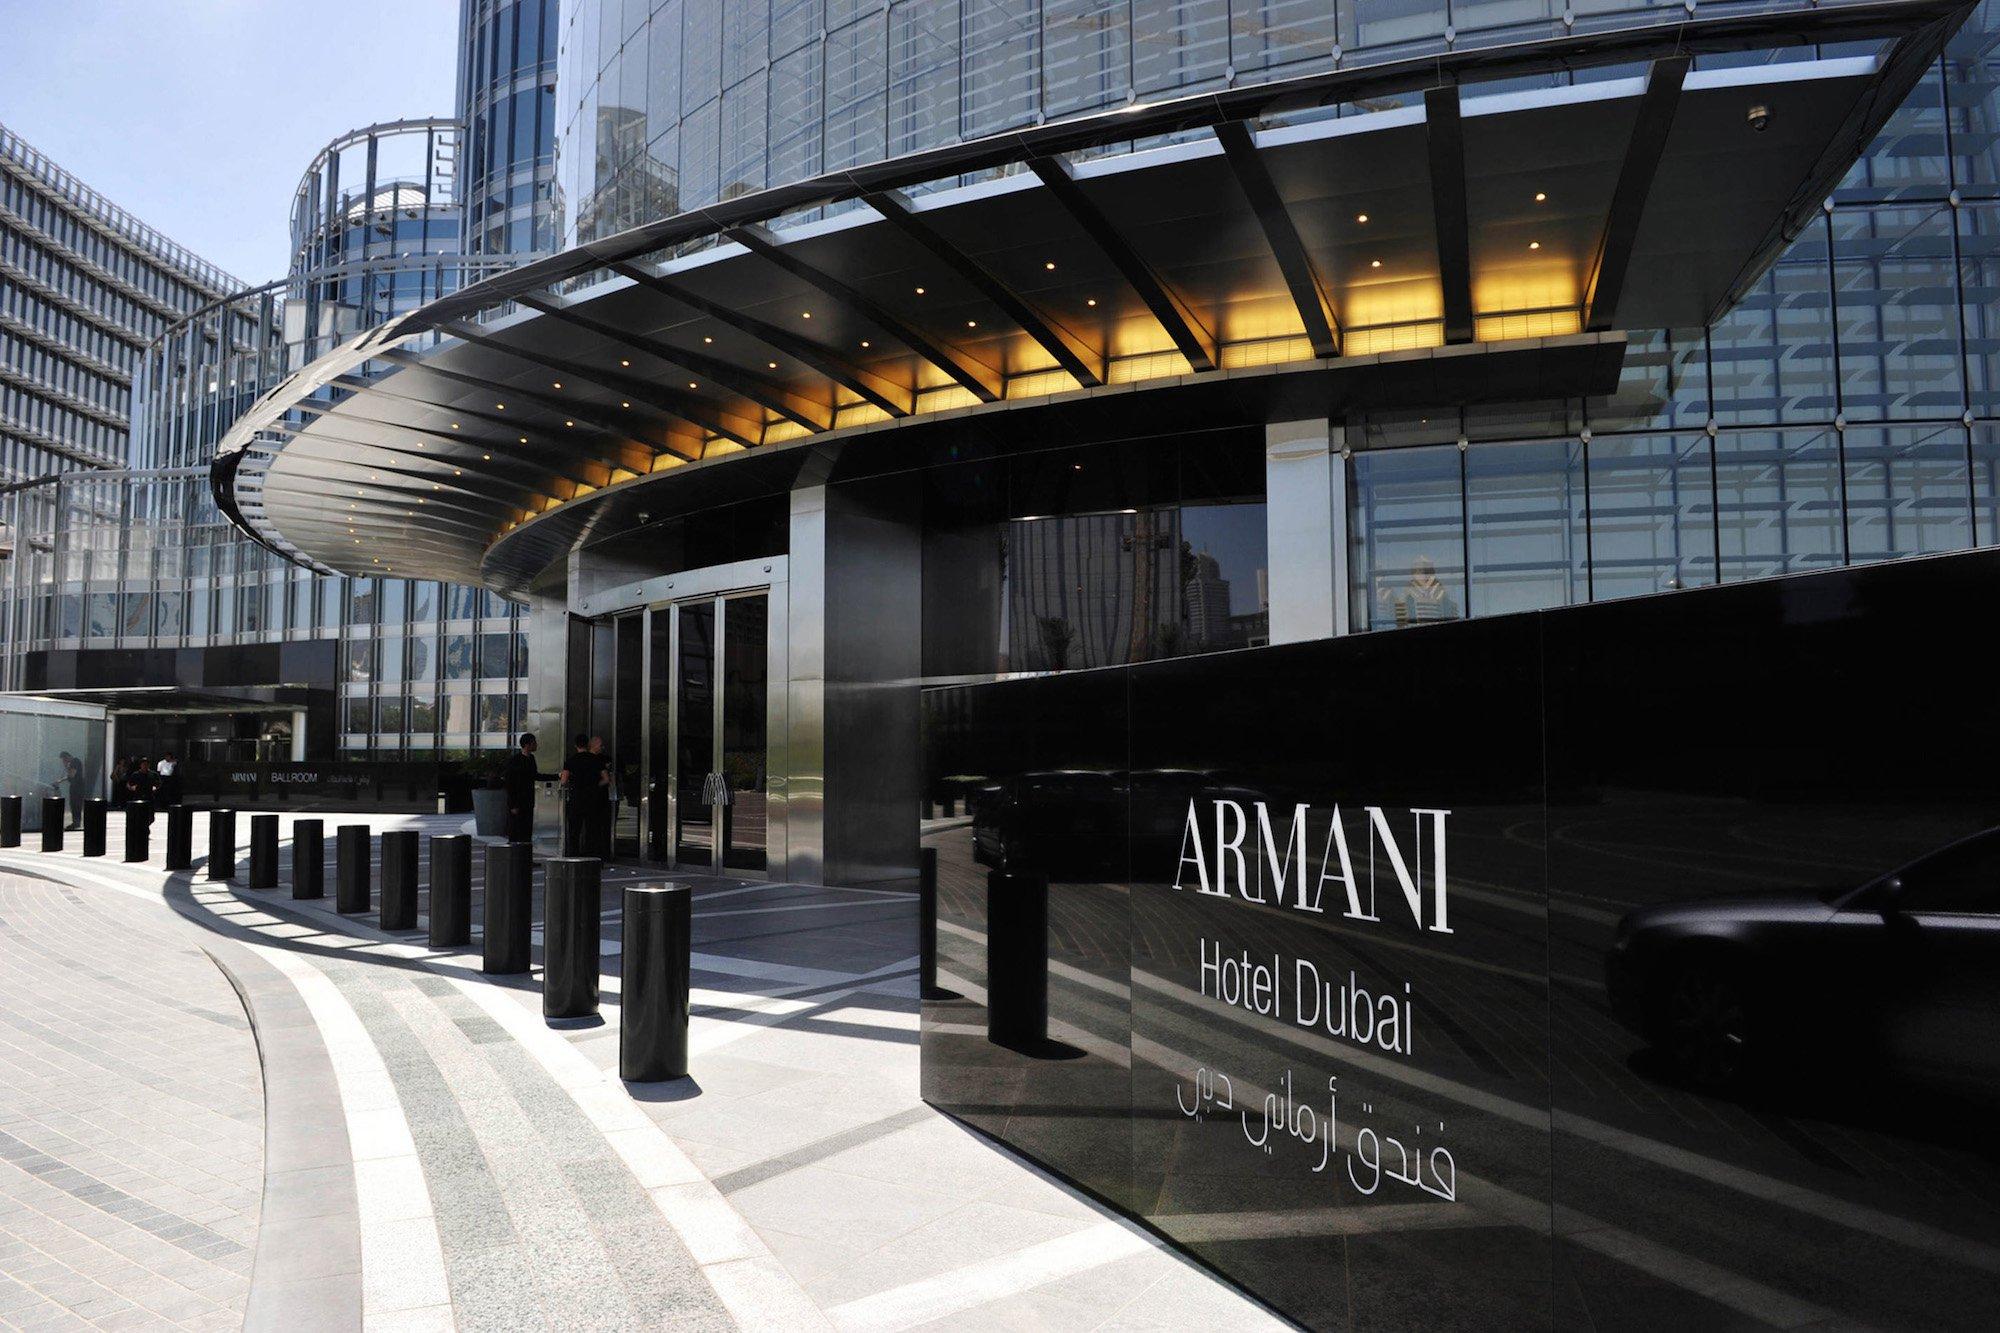 Armani-Hotel-Dubai_01